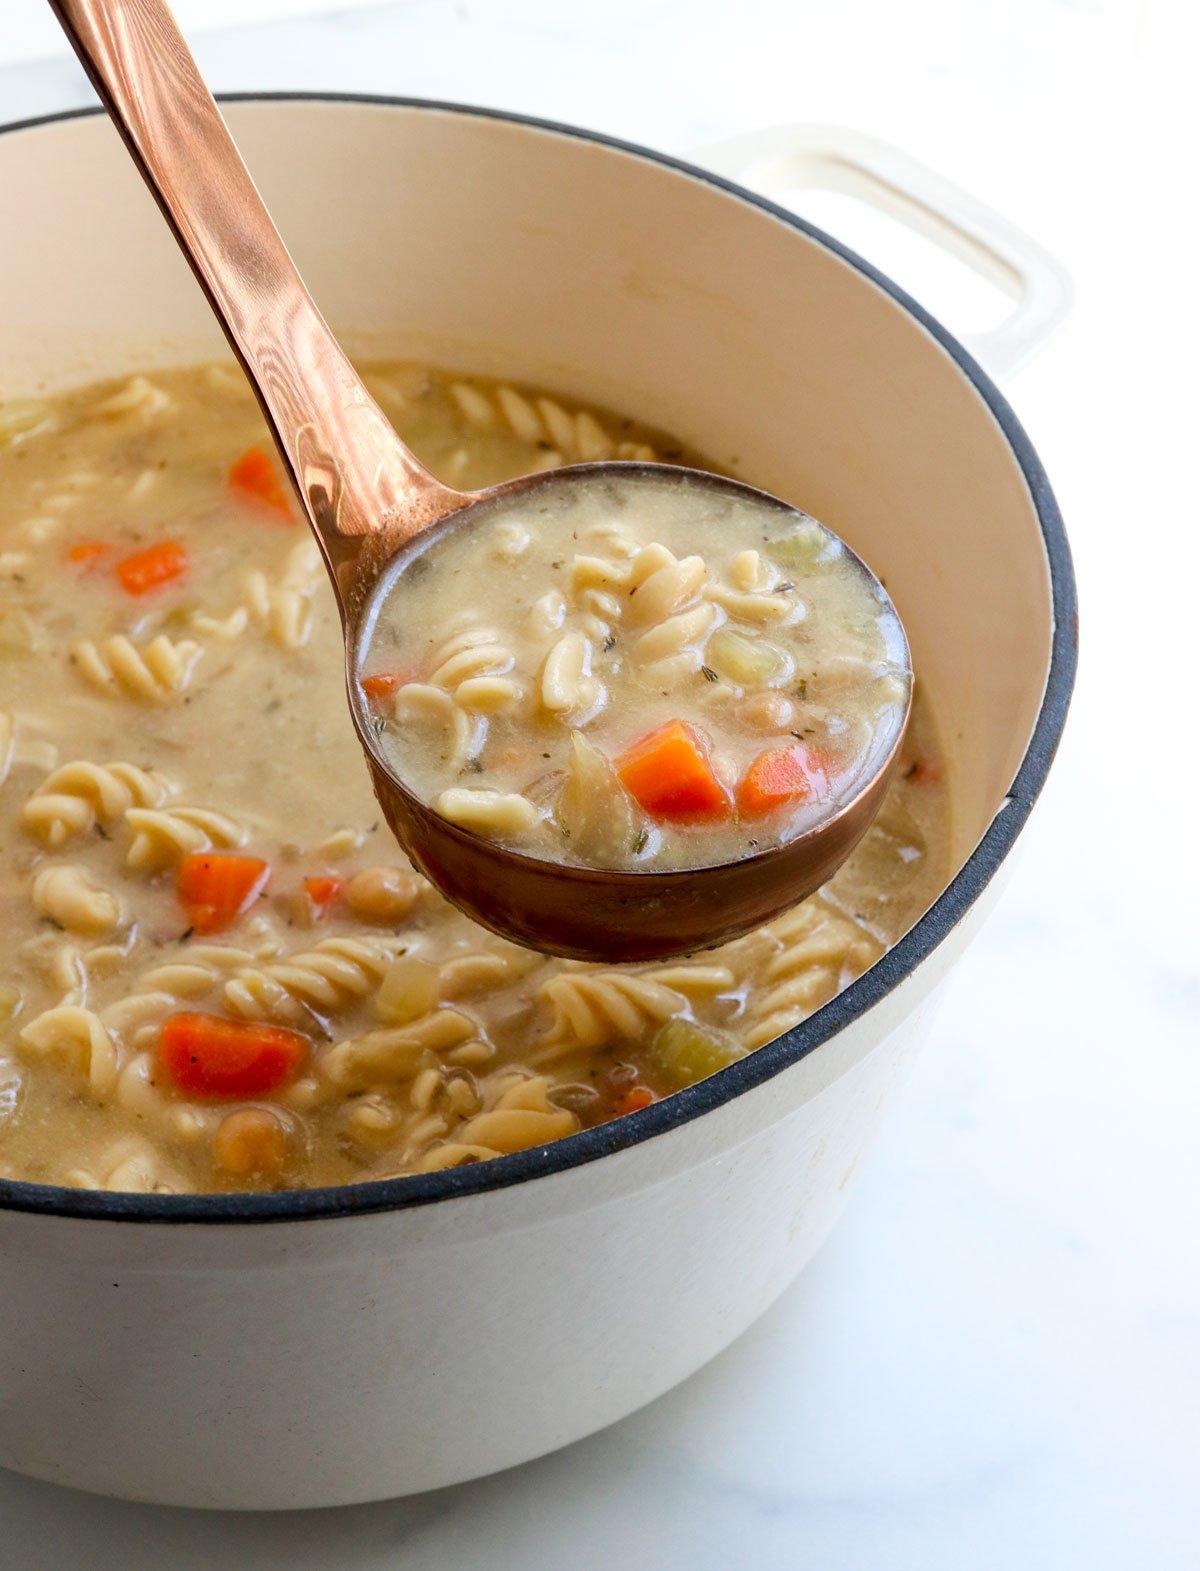 ladle lifting up chickpea noodle soup